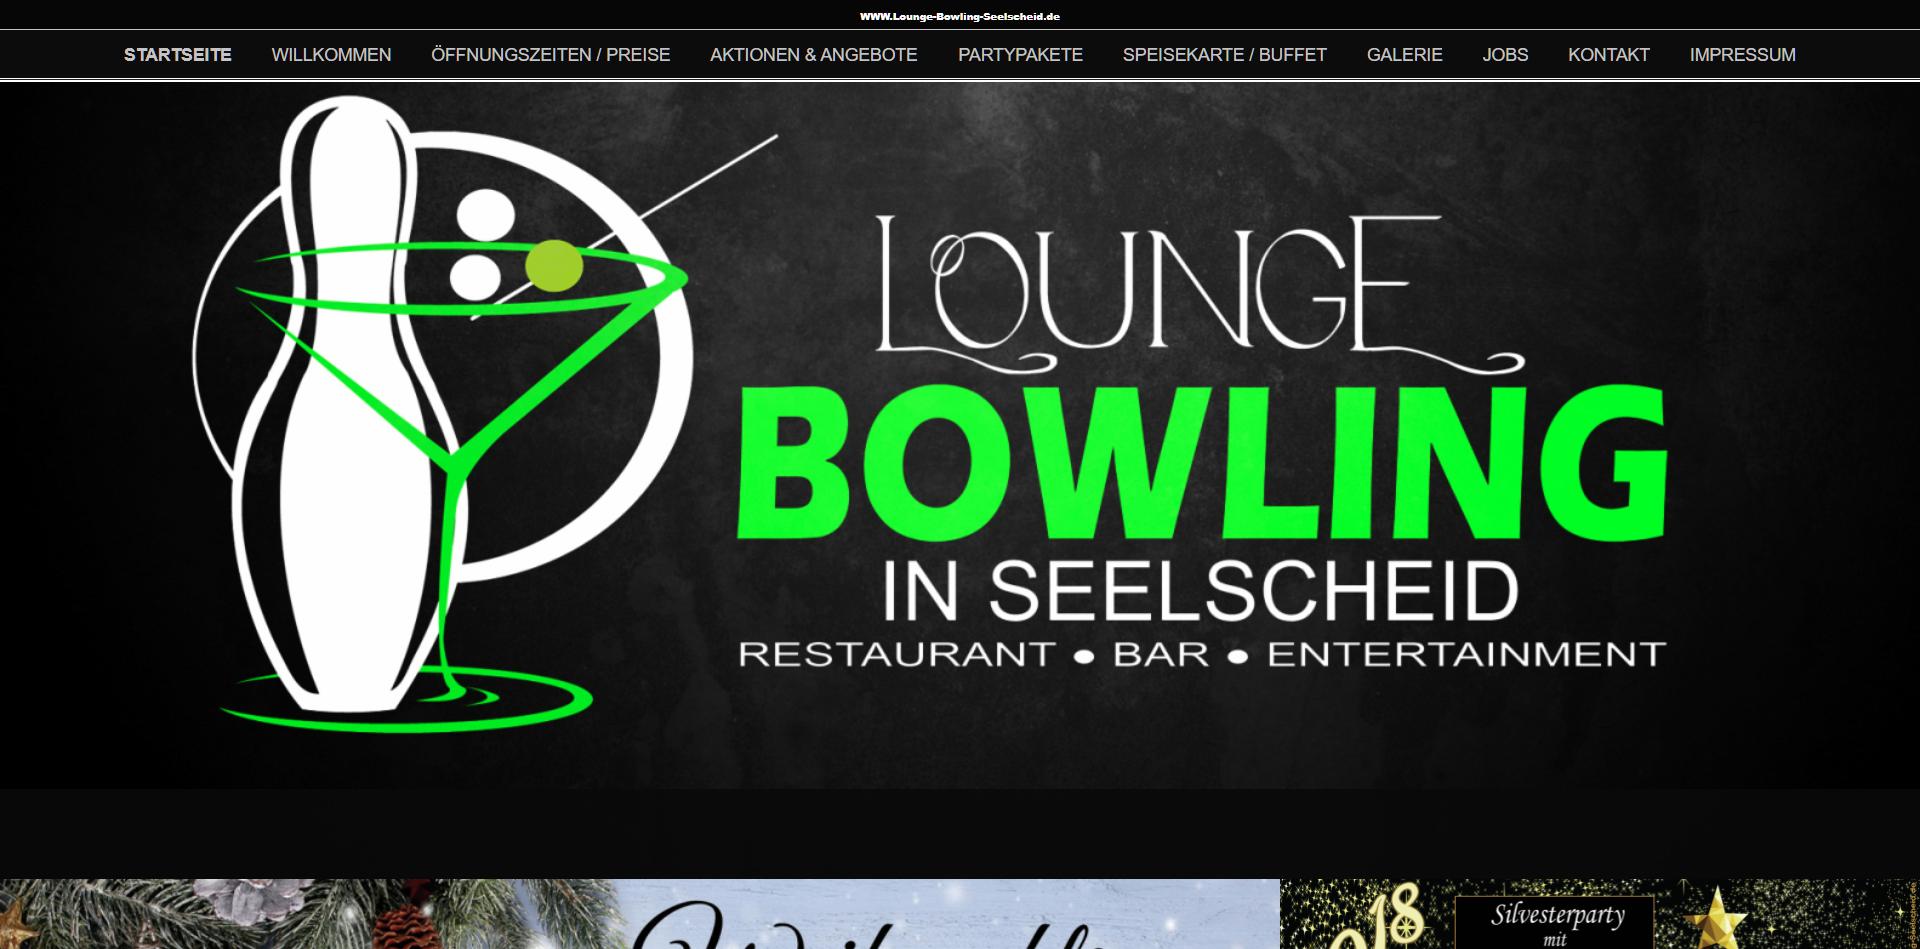 Lounge Bowling Seelscheid